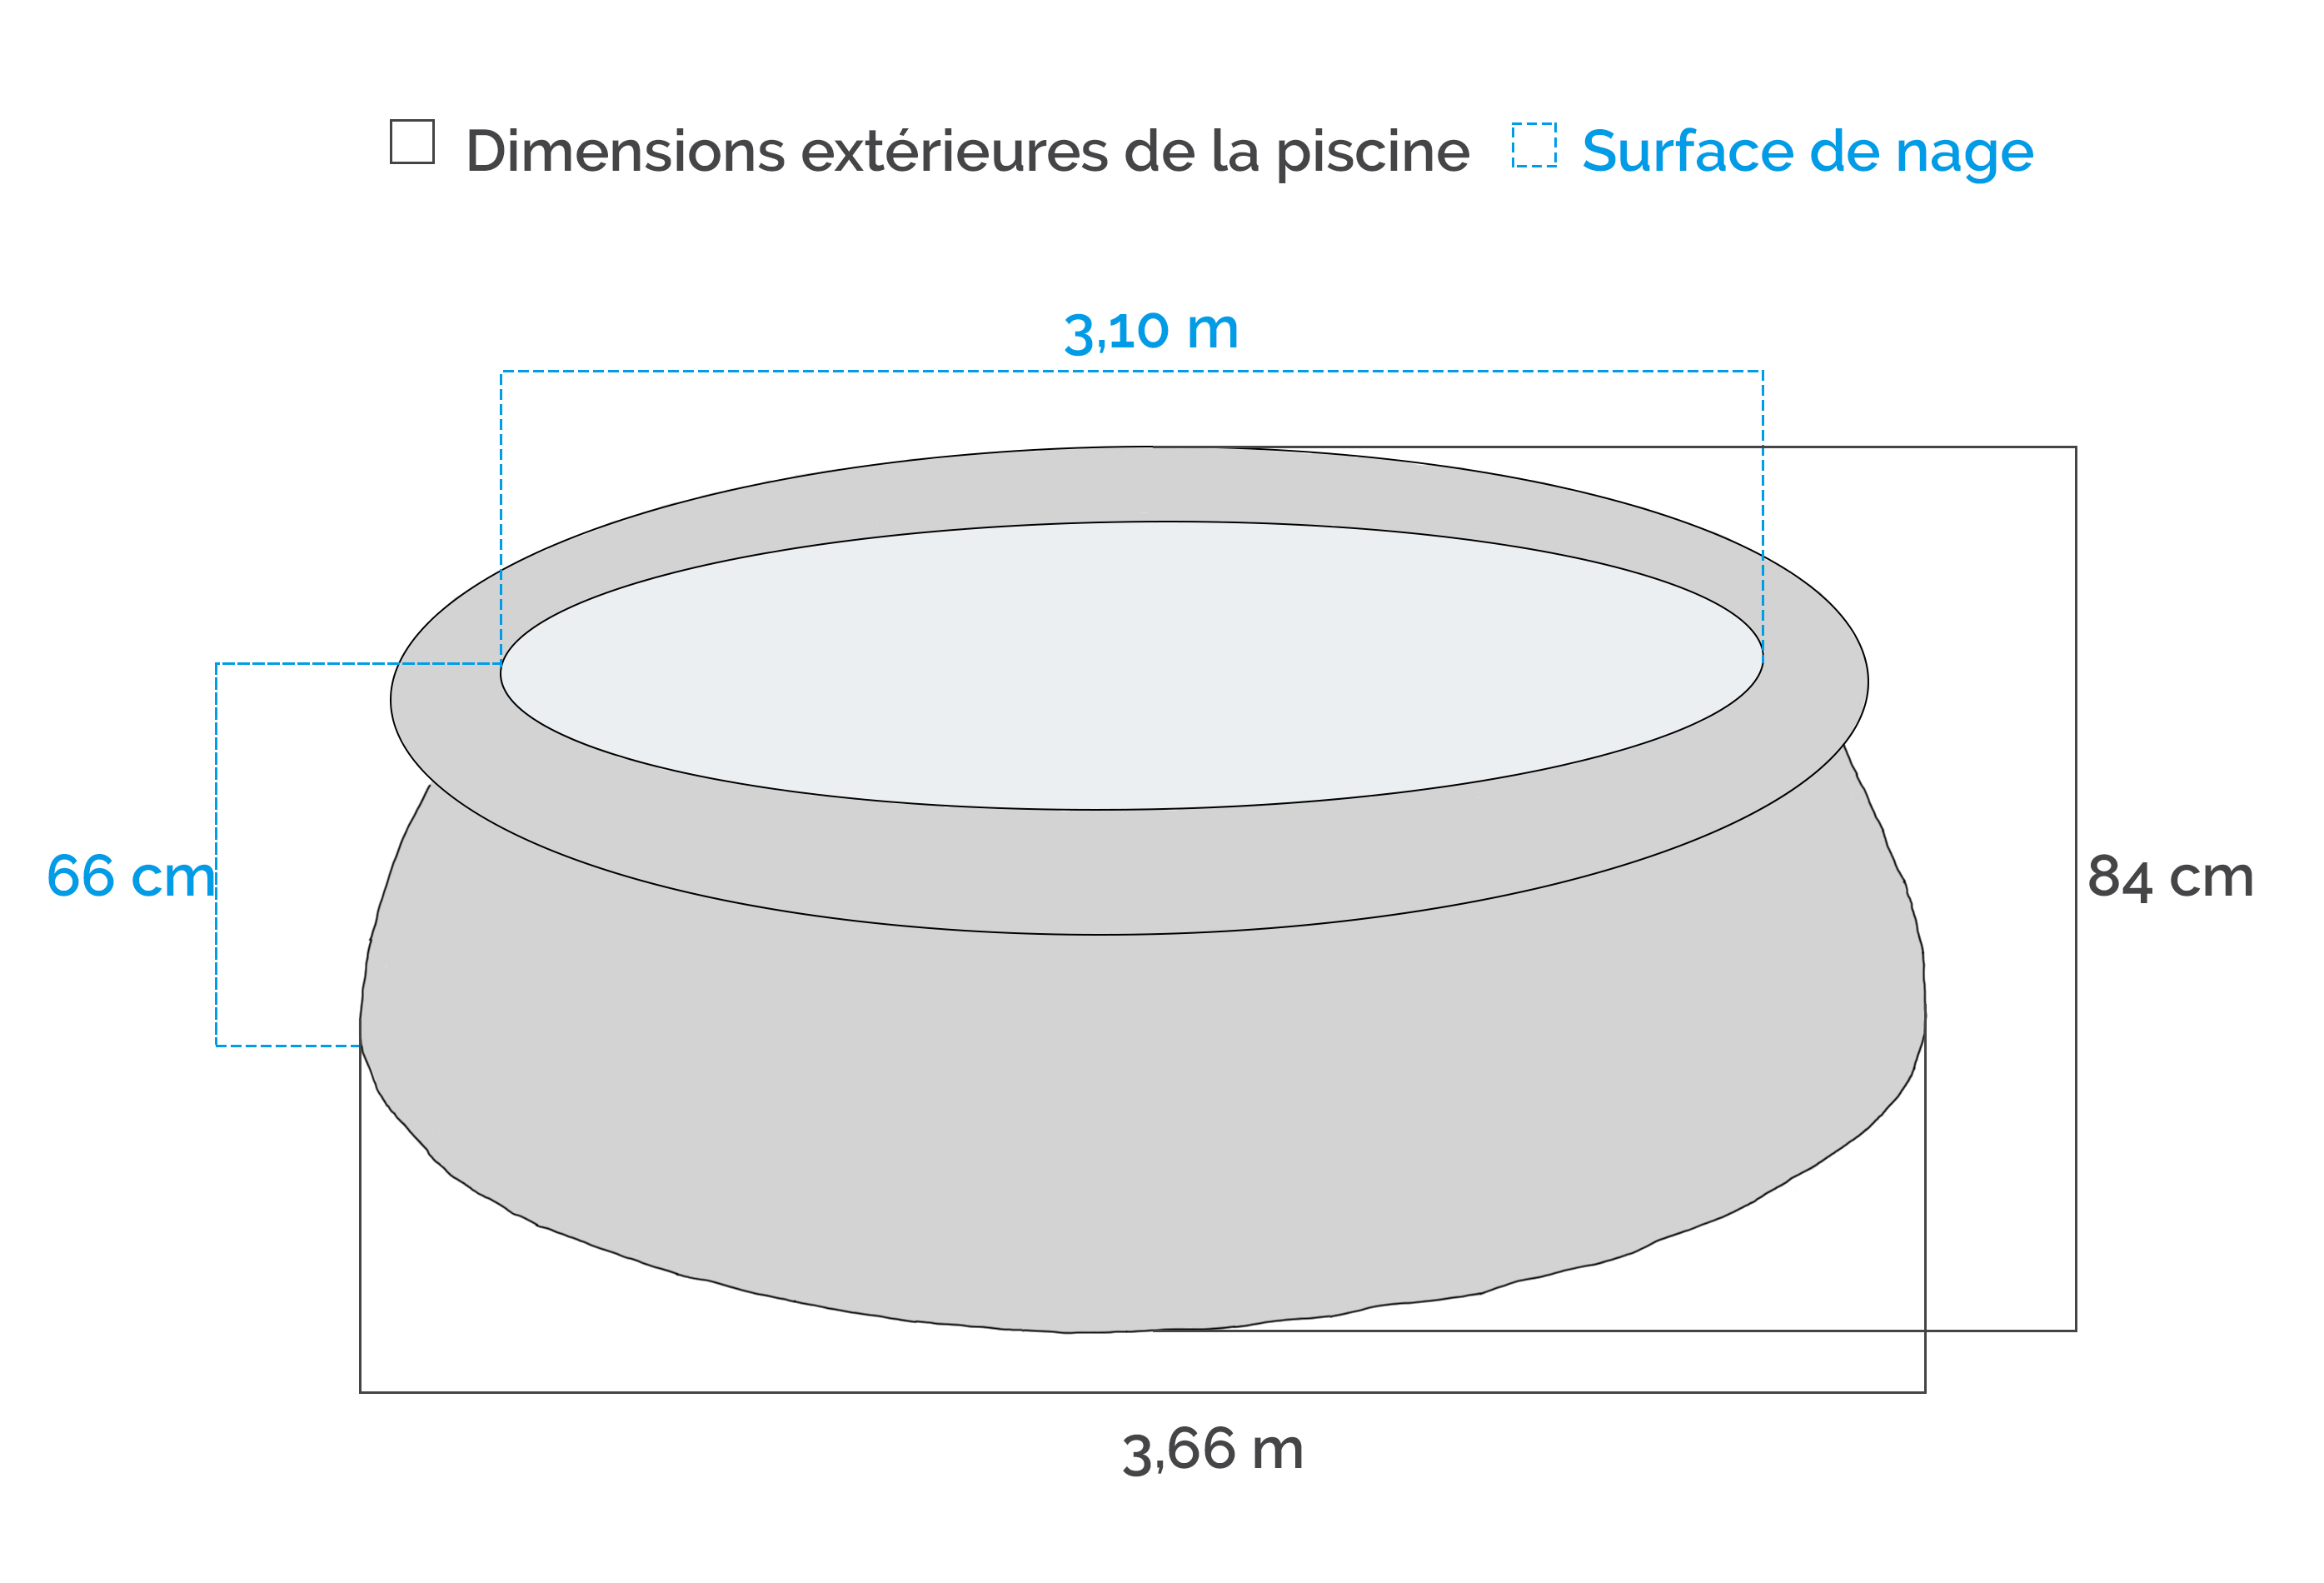 Piscine gonflable intex easy set x m epurateur for Piscine autoportante easy set